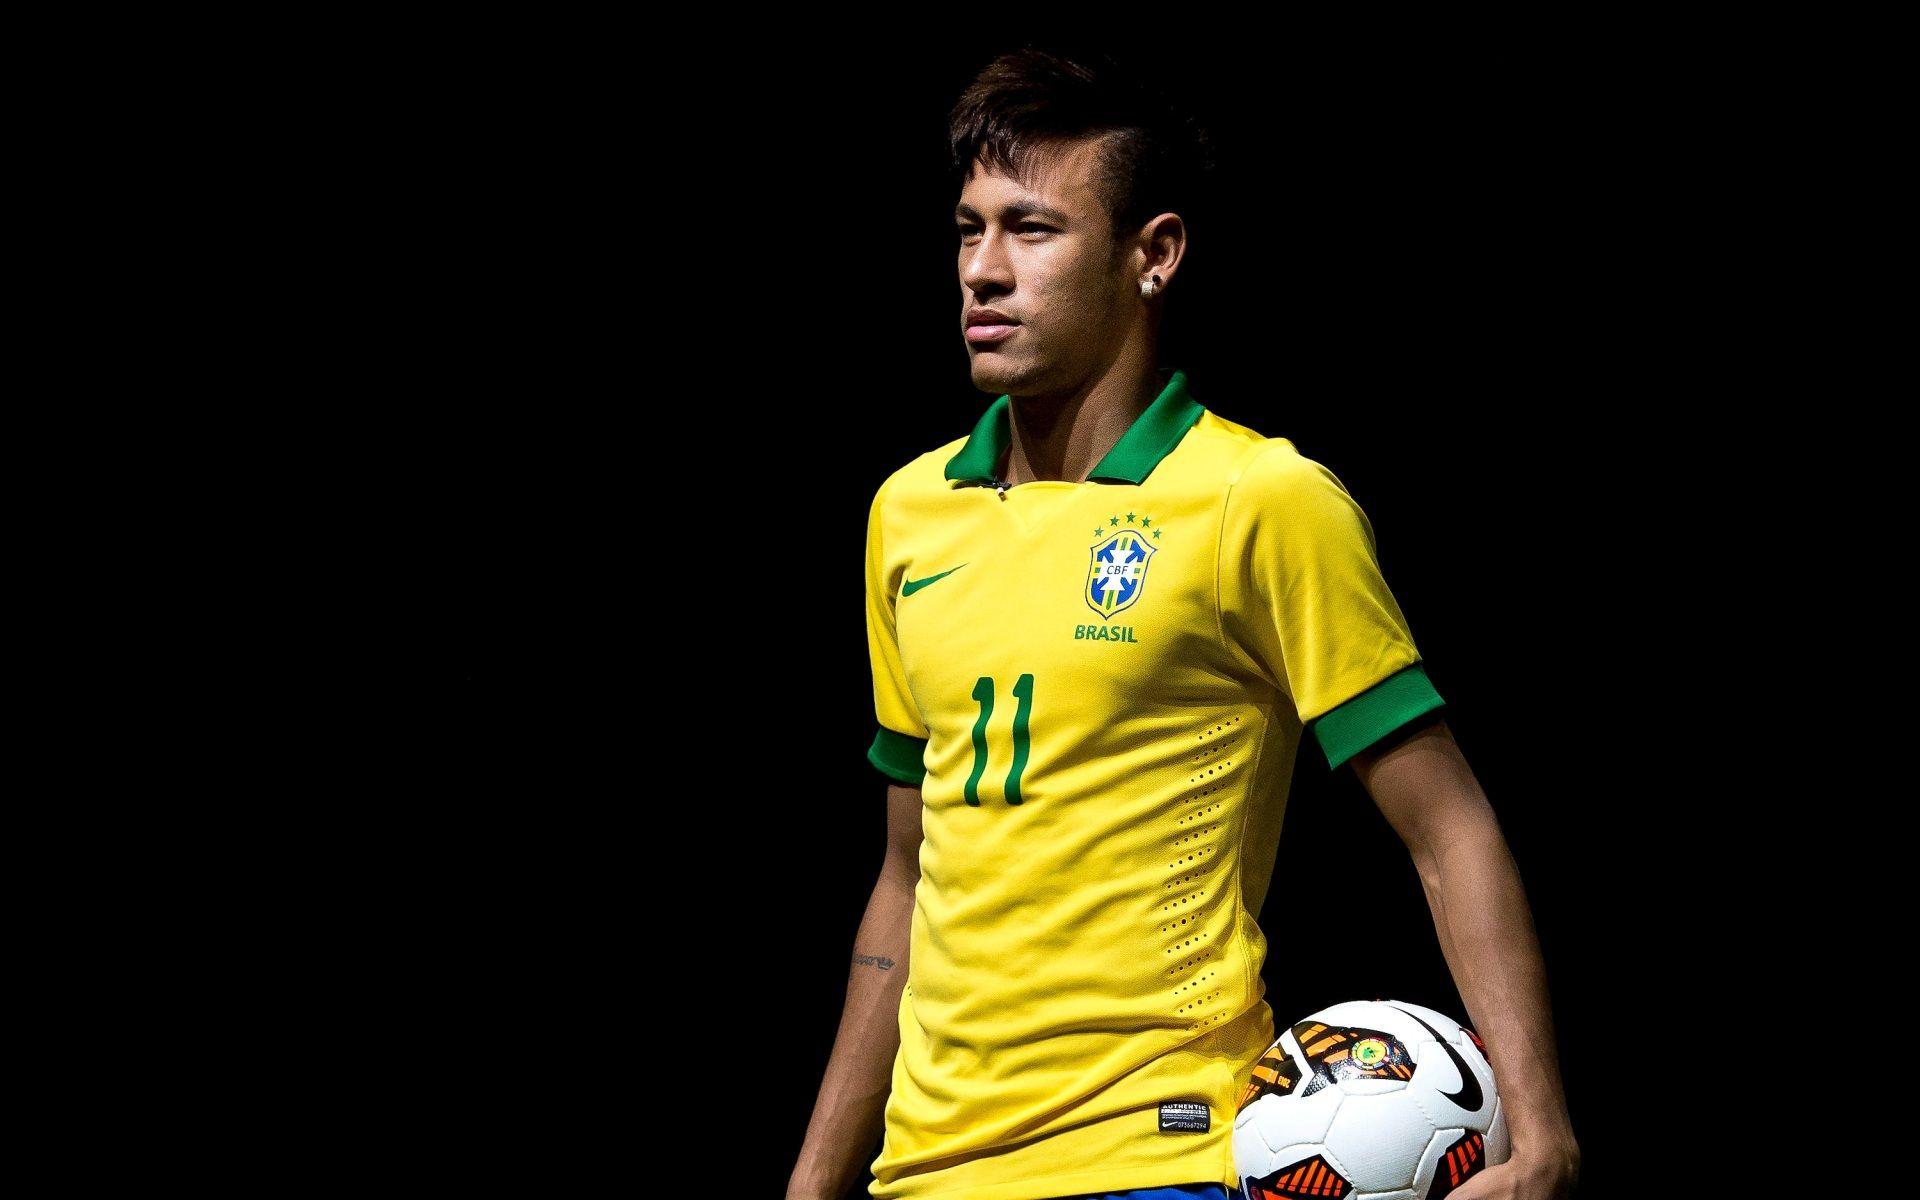 neymar brazil hd wallpapers 11 | neymar brazil hd wallpapers